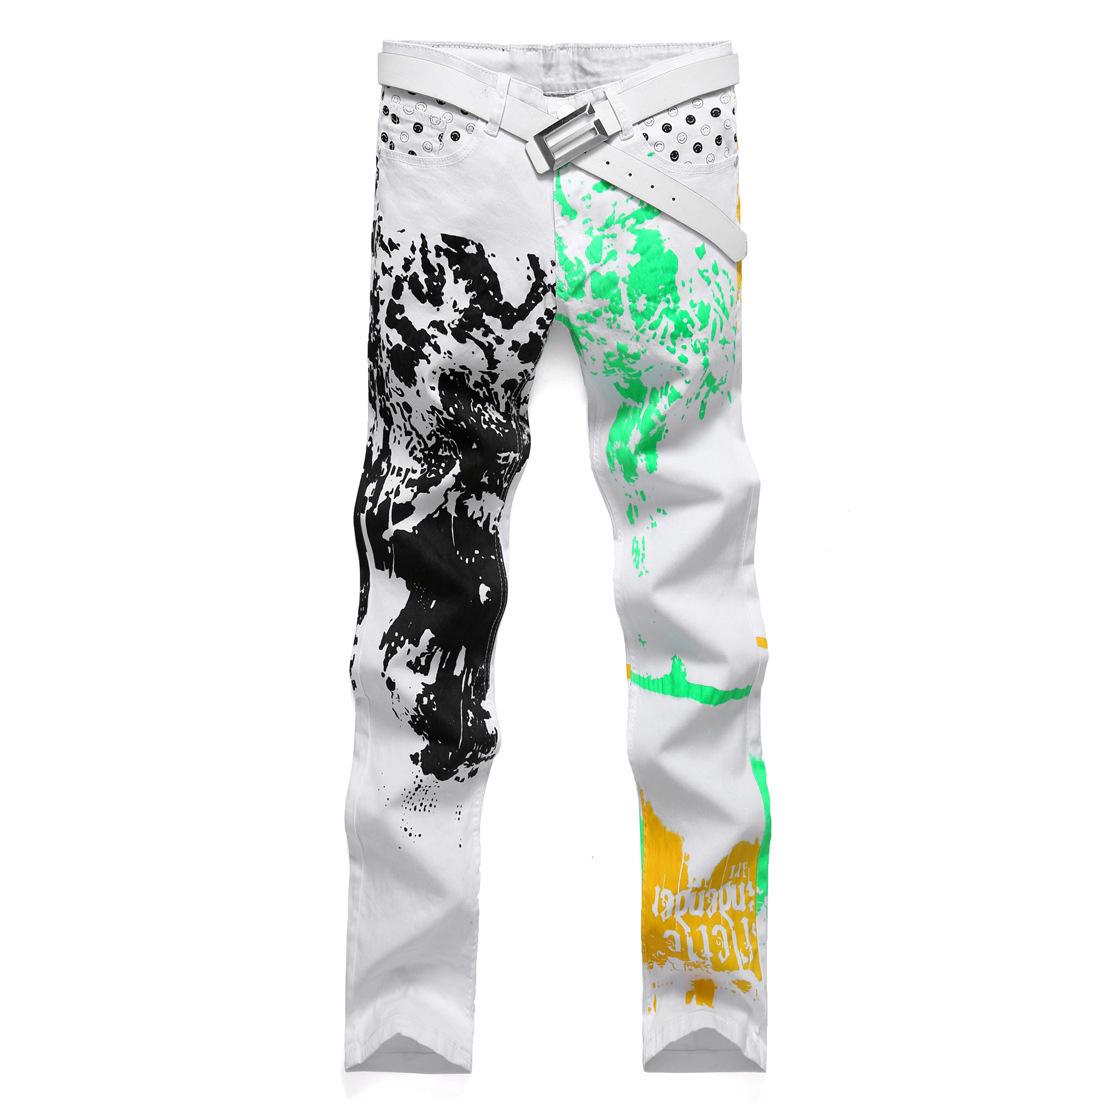 Invierno 2018 pantalones vaqueros ajustados para hombre marca Streetwear  Jeans flacos hombres Carhartt pantalones vaqueros ropa de diseñador  falsoUSD 25.97  ... 12eb18840871